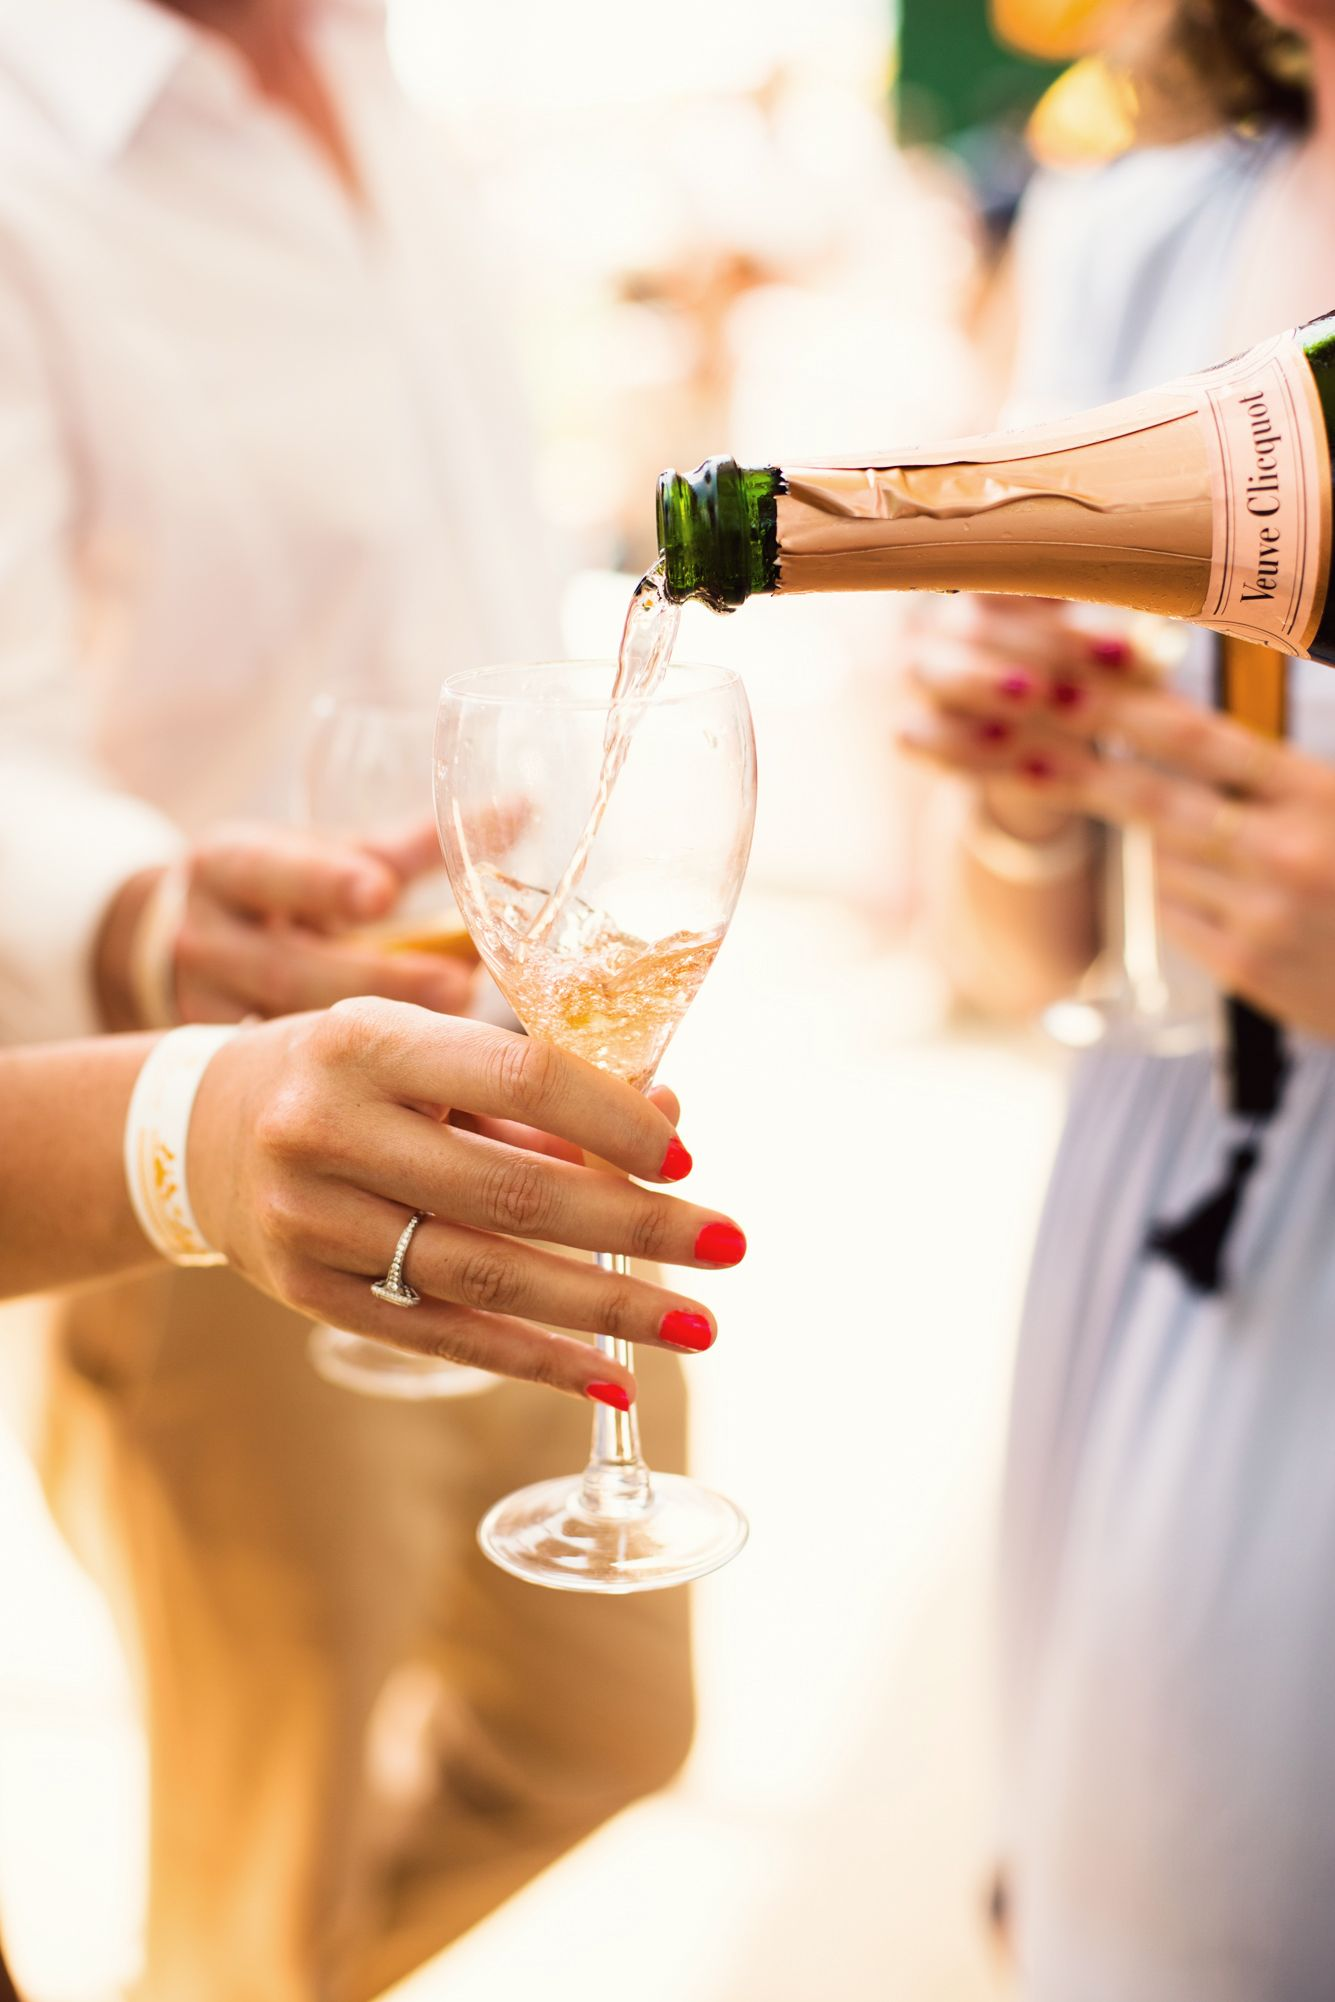 bí quyết giữ dáng đẹp dù uống rượu